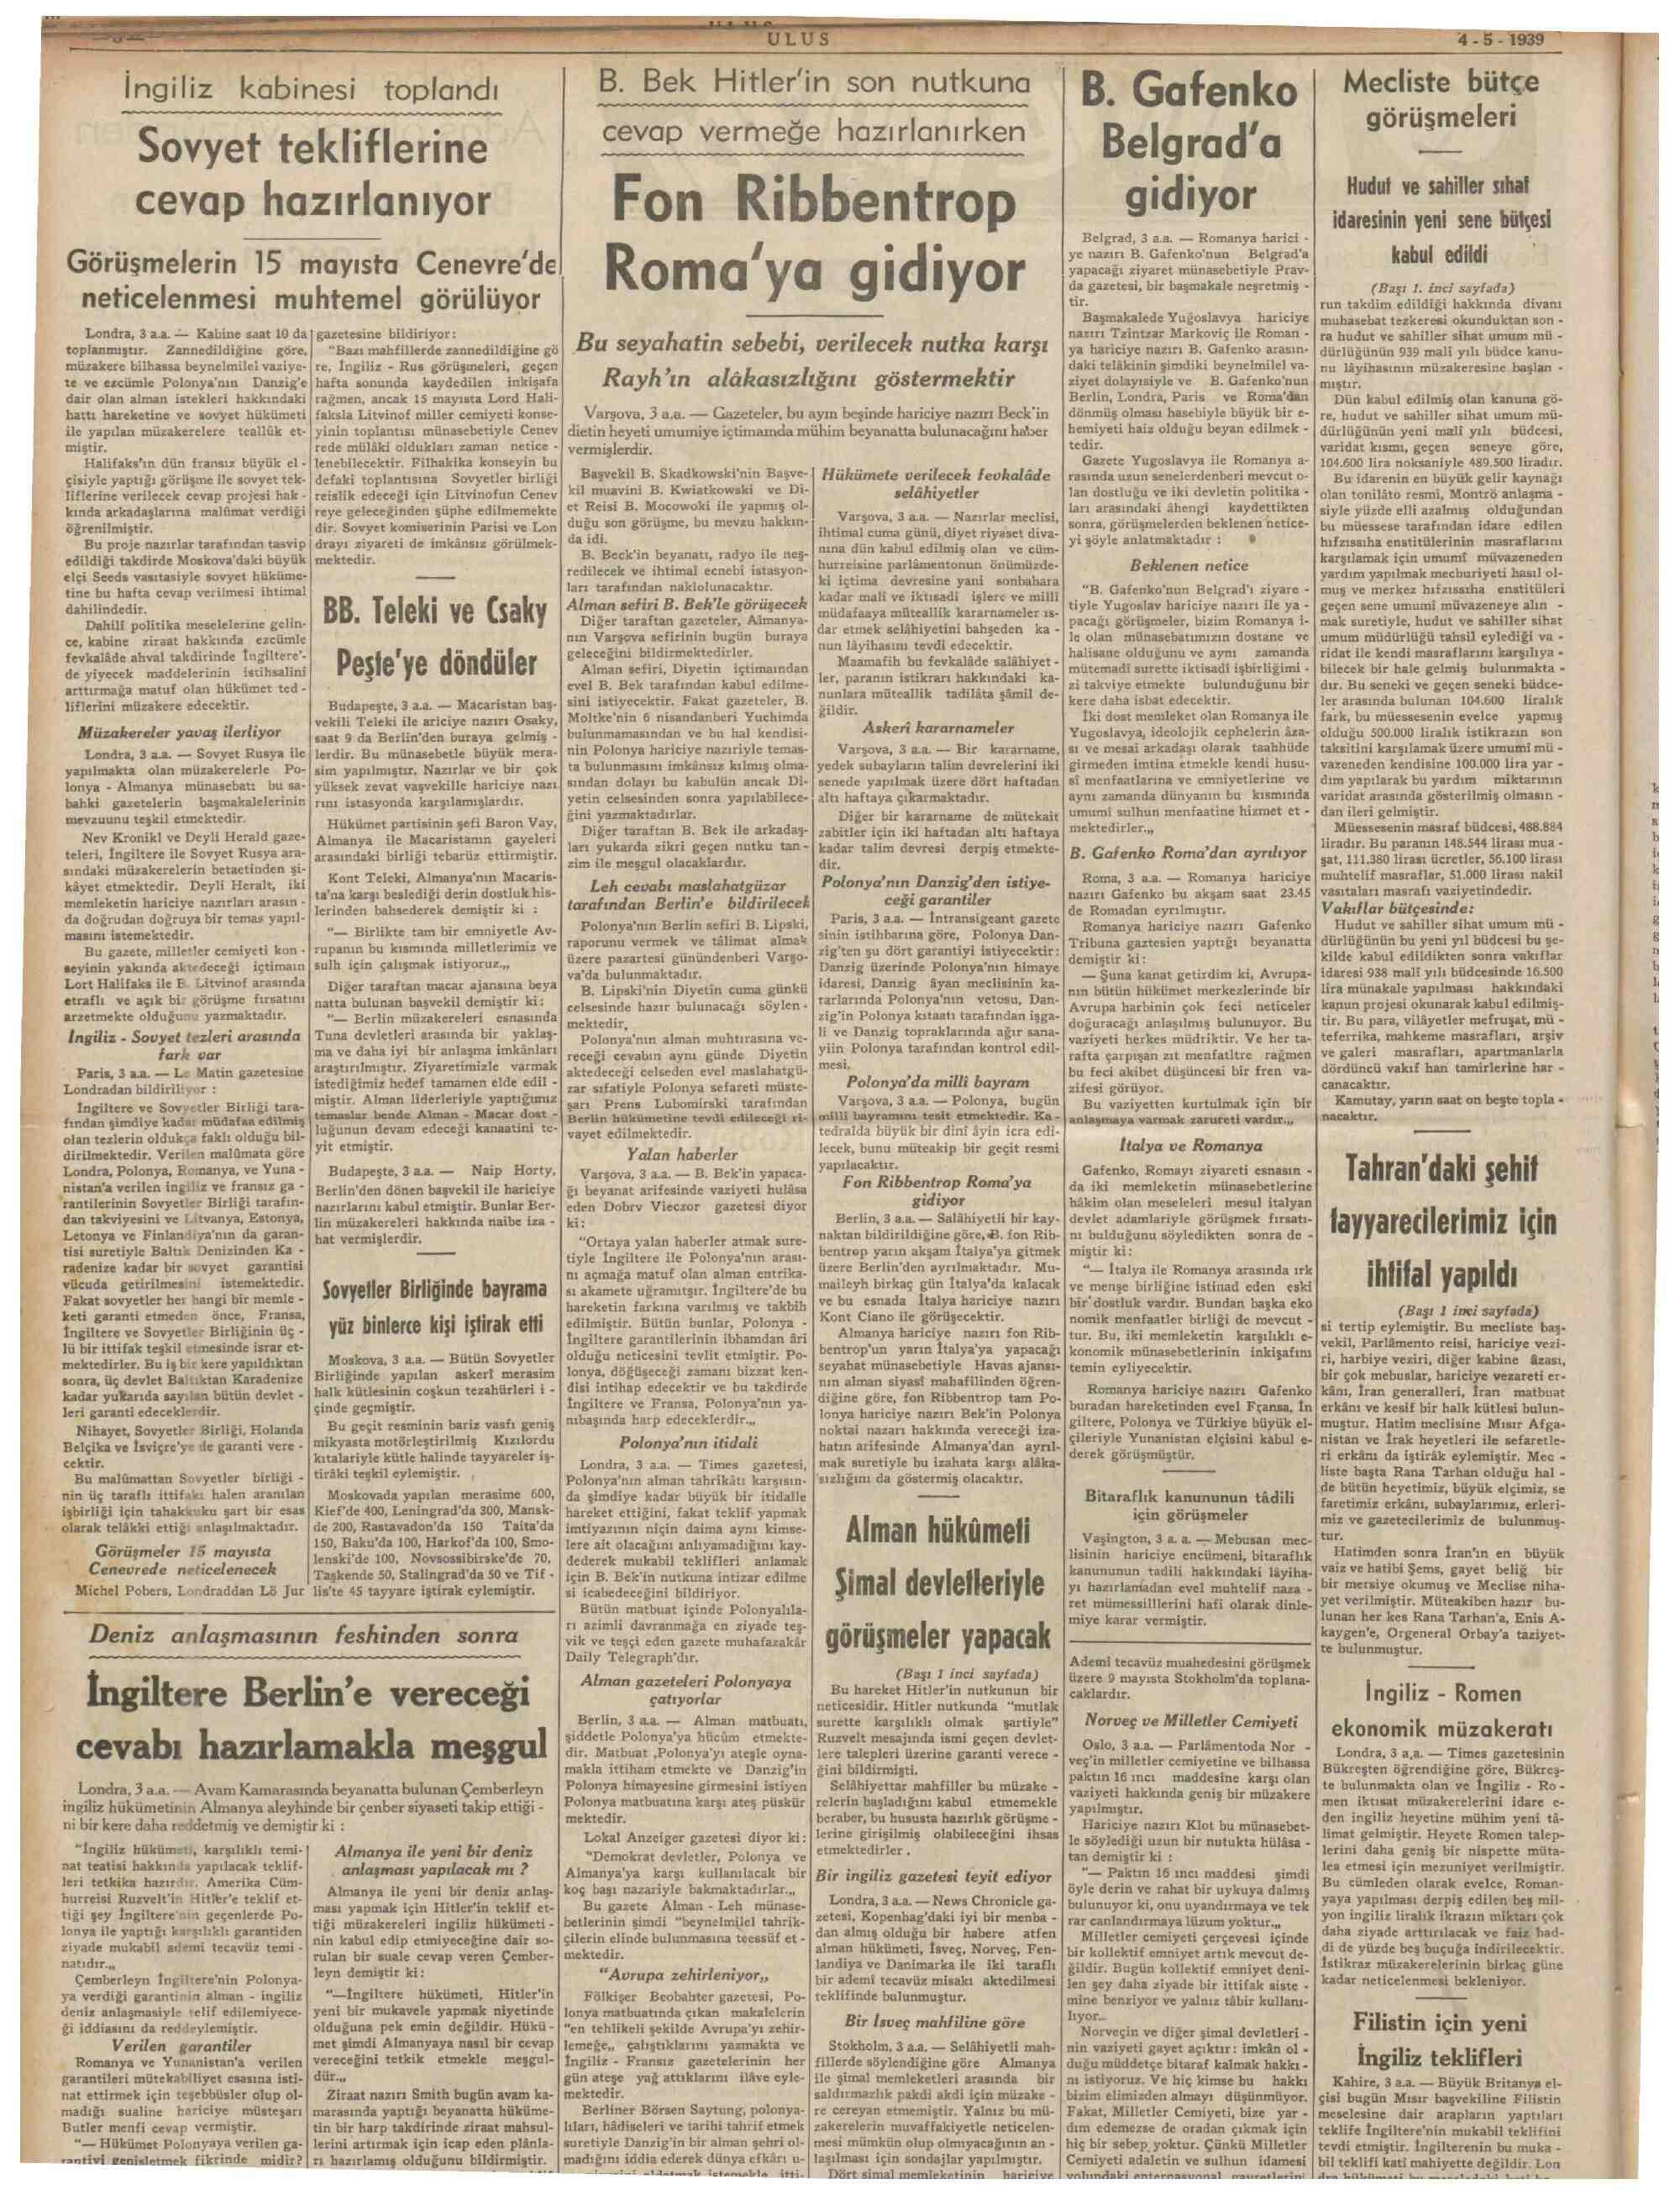 4 Mayıs 1939 Tarihli Ulus Gazetesi Sayfa 8